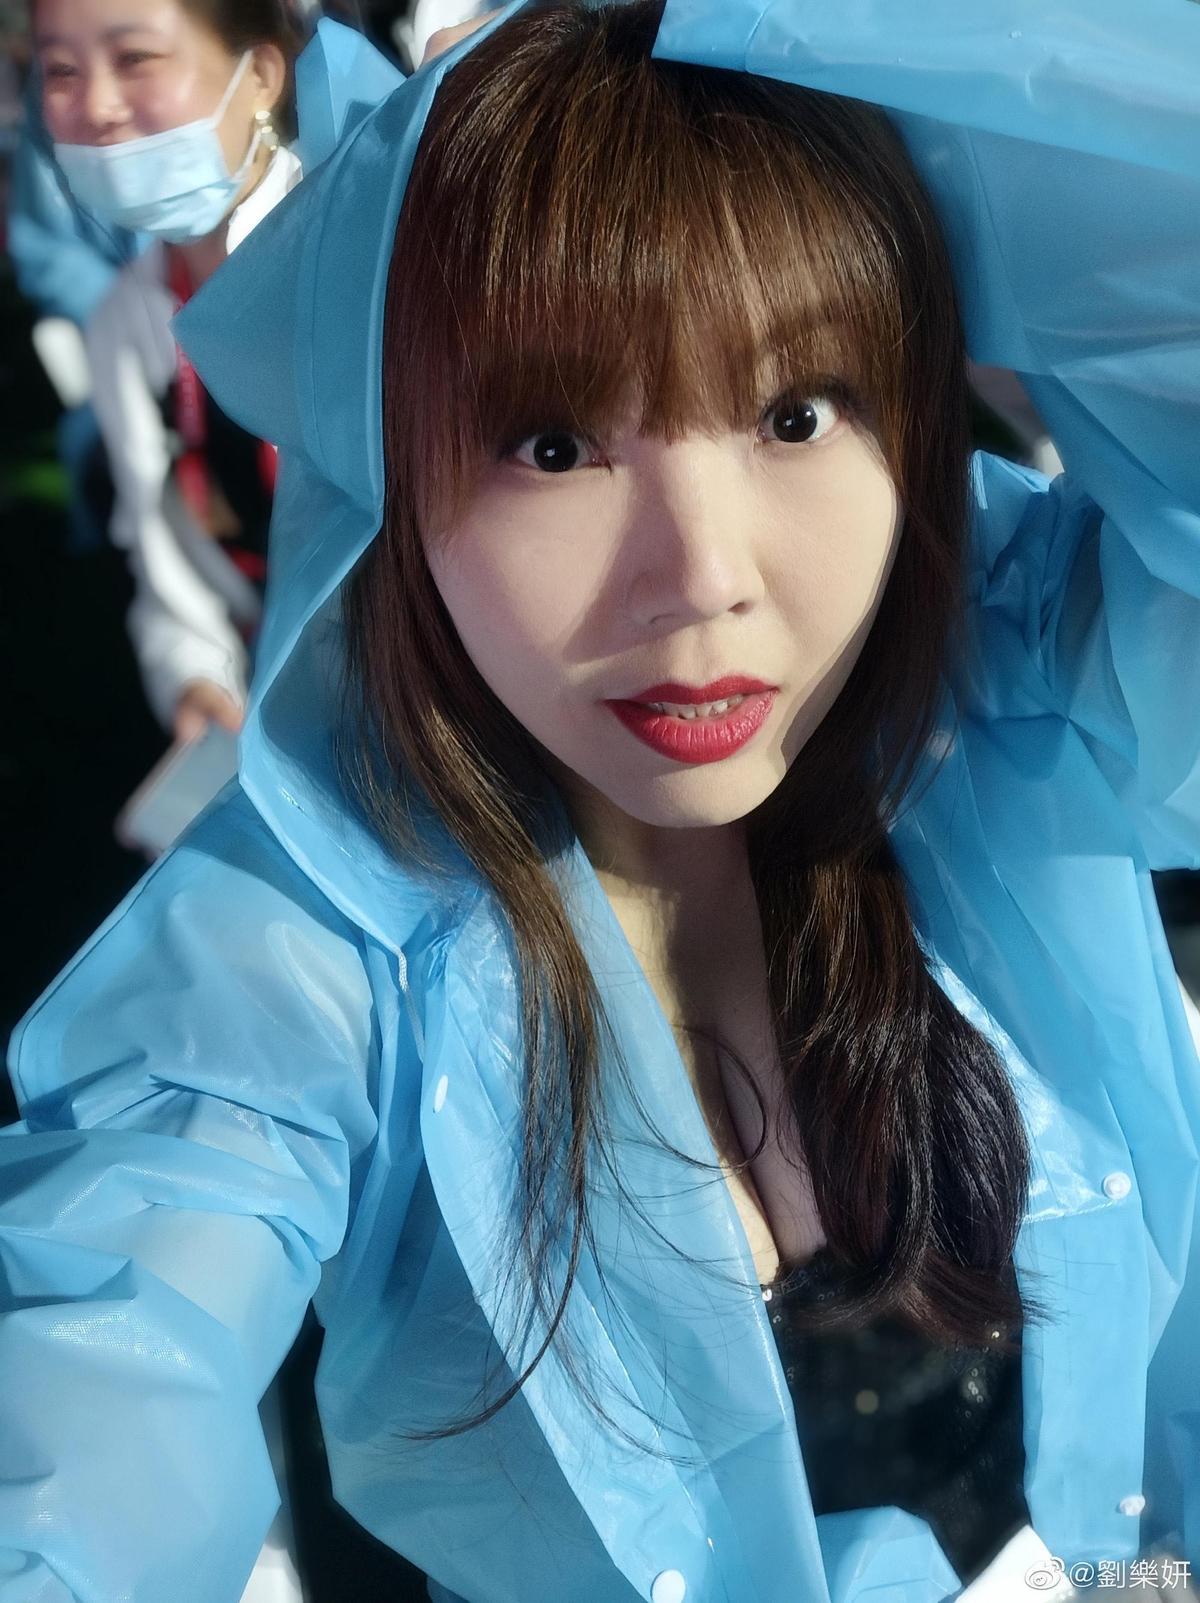 劉樂妍嗆聲等她不需要演戲時一定會將這些害群之馬的名字公佈出來。(翻攝自劉樂妍微博)